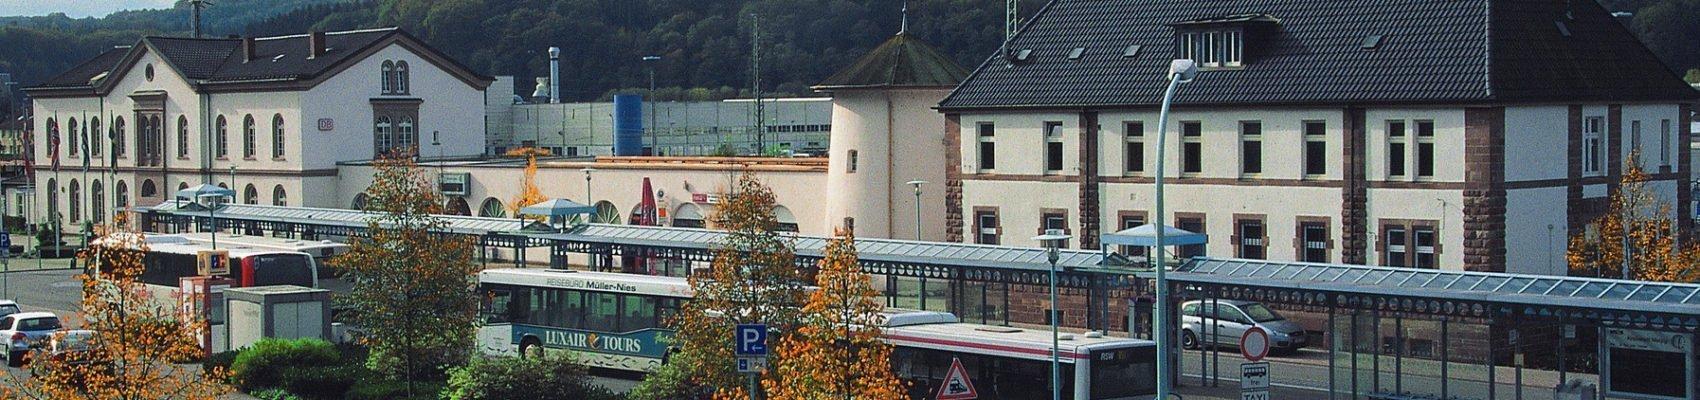 Umweltbahnhof in Merzig